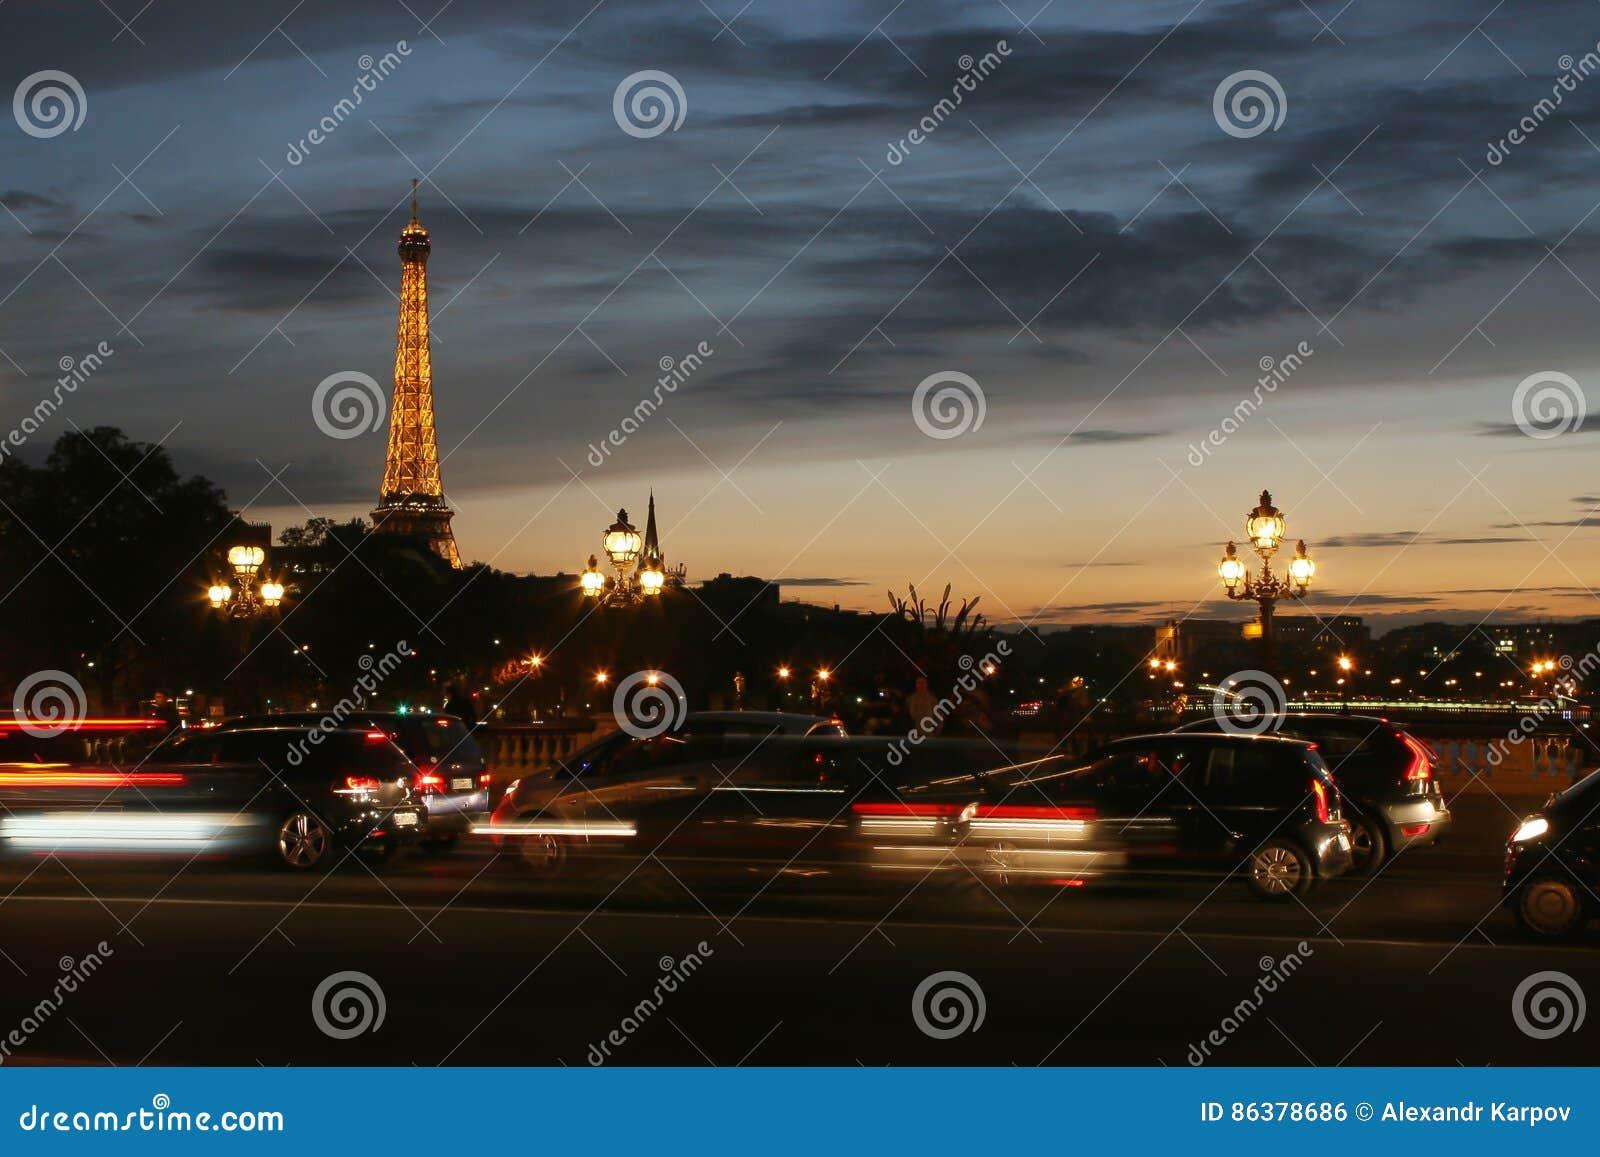 De Toren van Eiffel, nacht die van Pont Alexandre lll, in Parijs, Frankrijk wordt bekeken De toren wordt verlicht bij nacht door